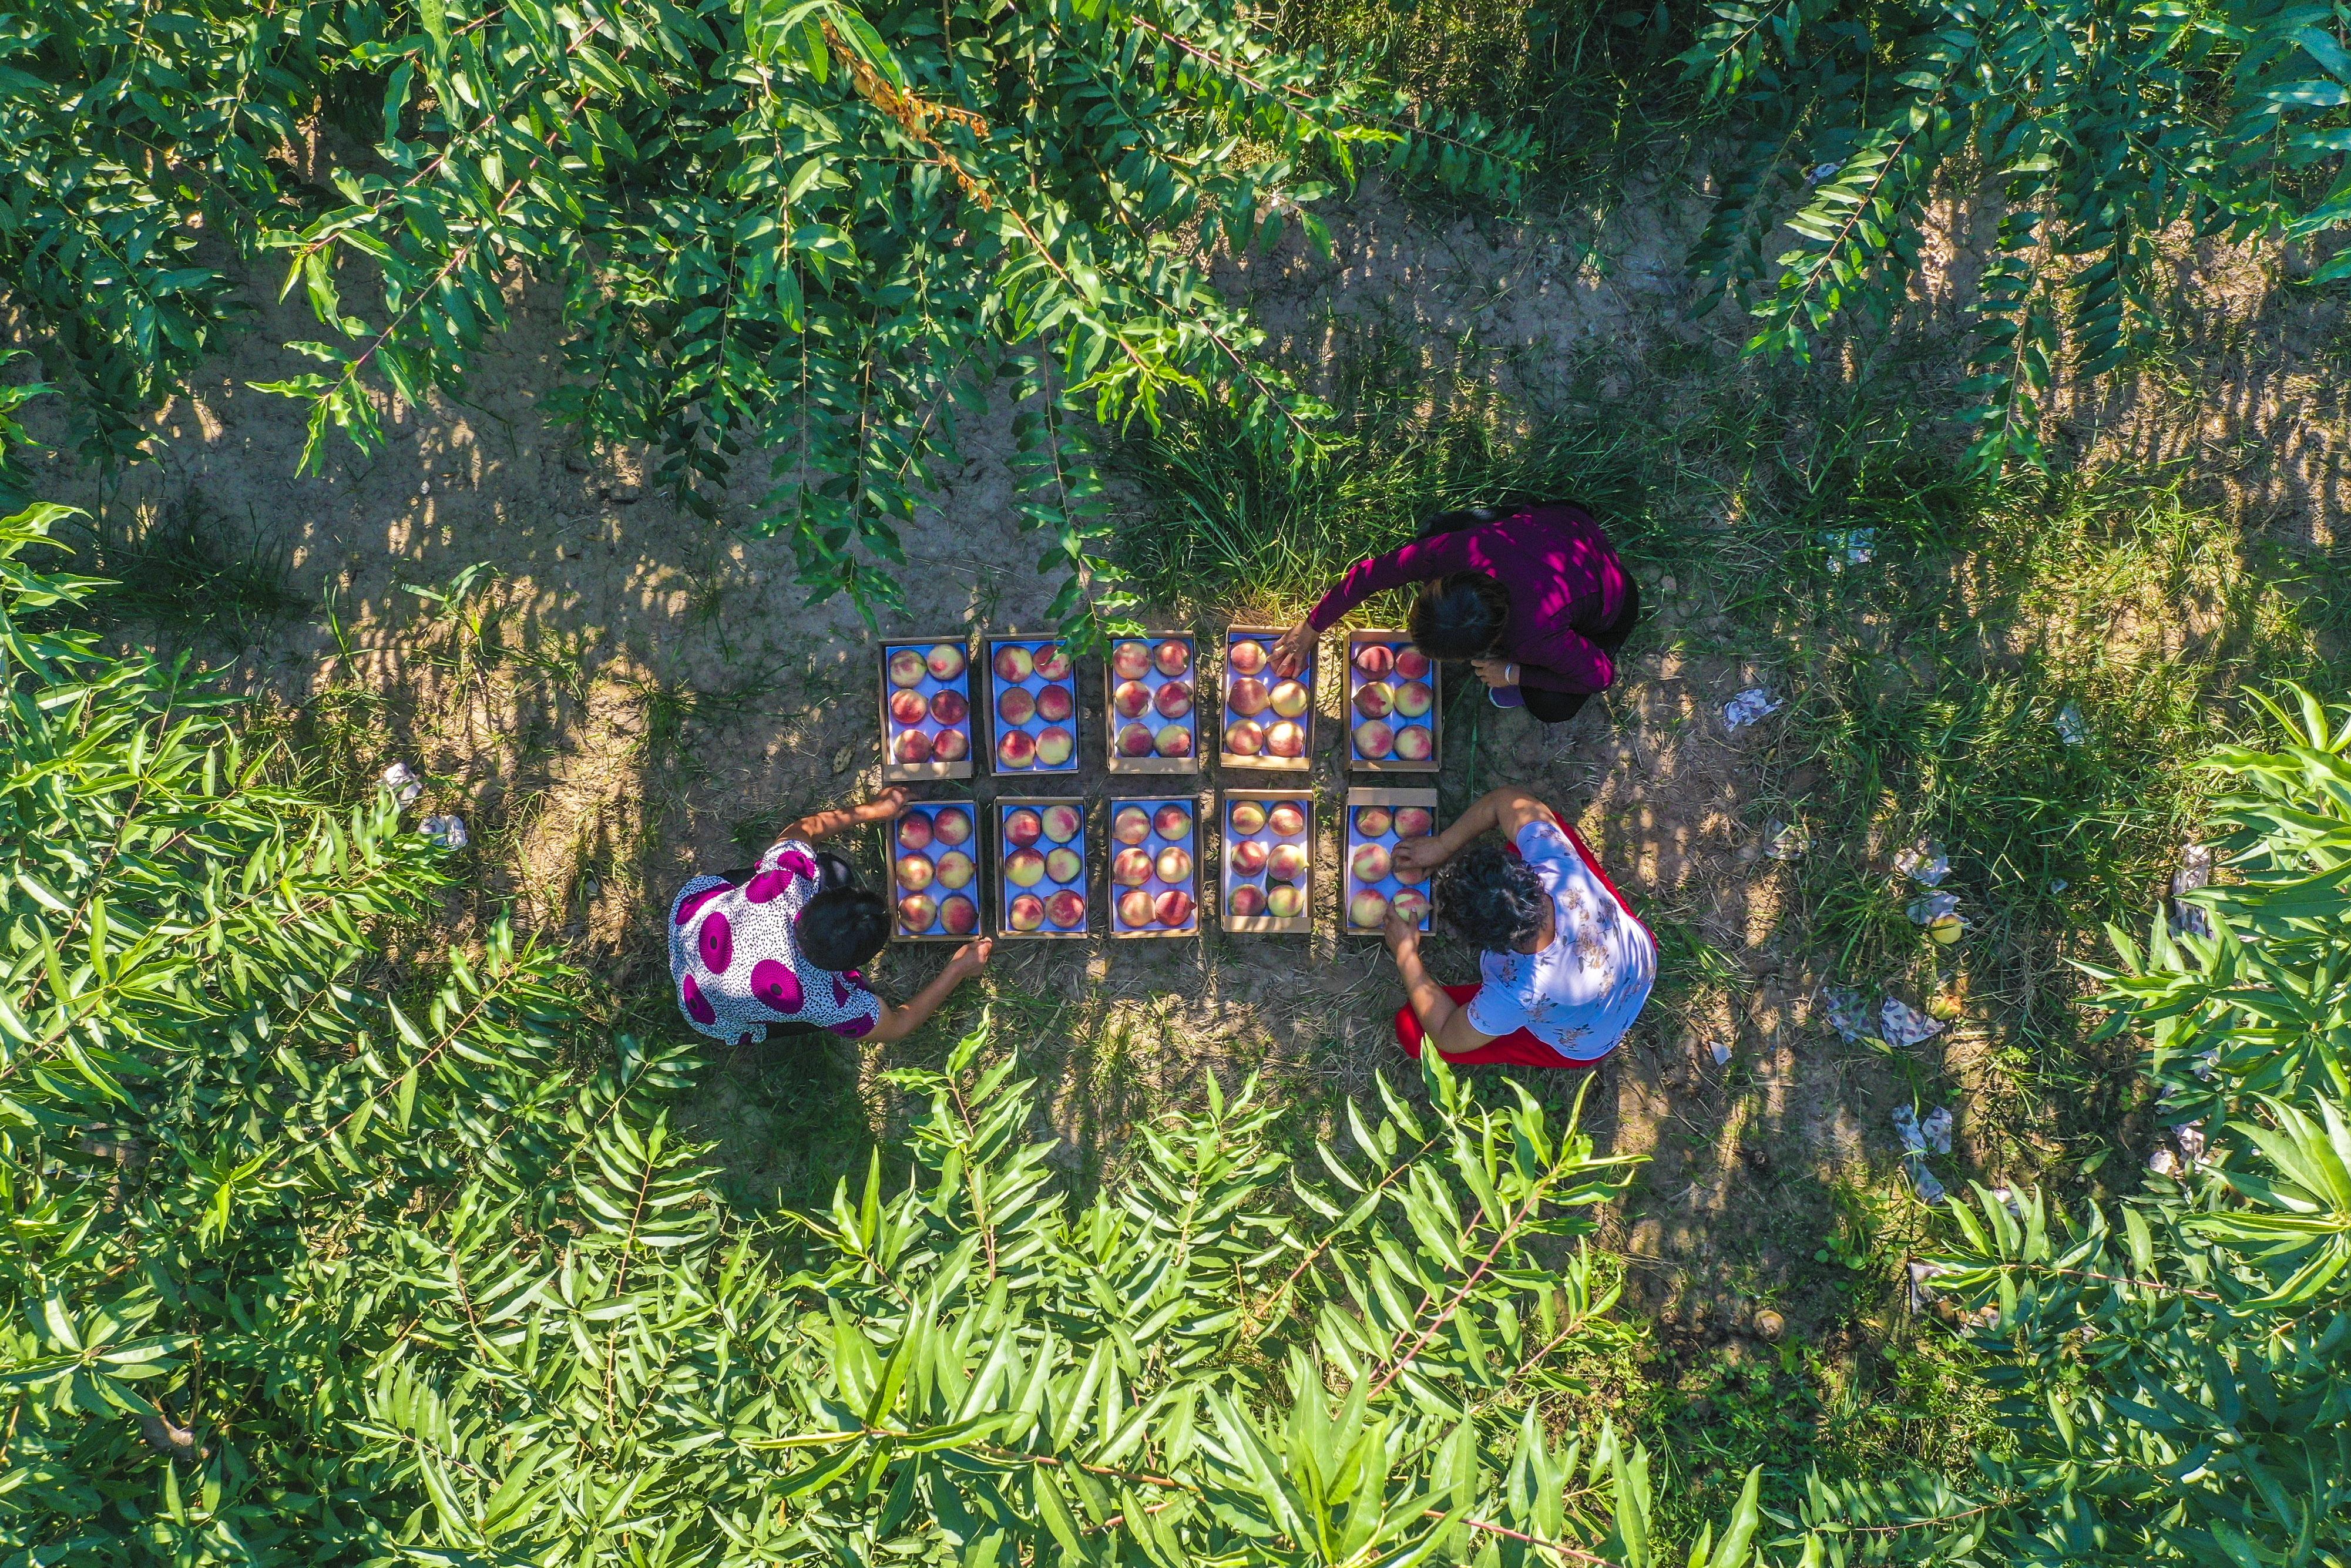 8月30日,在河北省深州市穆村鄉馬莊村御桃莊園蜜桃園,桃農在整理剛采摘的蜜桃(無人機拍攝)。     近日,河北省深州市蜜桃迎來豐收季,吸引大批游客走進生態桃園,享受采摘樂趣。近年來,深州市依托悠久的蜜桃文化和豐富的生態資源,整合美麗鄉村,大力發展全域旅游。目前,深州市被列入河北省首批創建全域旅游示范縣,深州蜜桃觀光園相繼被評為國家2A級旅游景區、河北省農業旅游示范點。     新華社記者 李曉果 攝